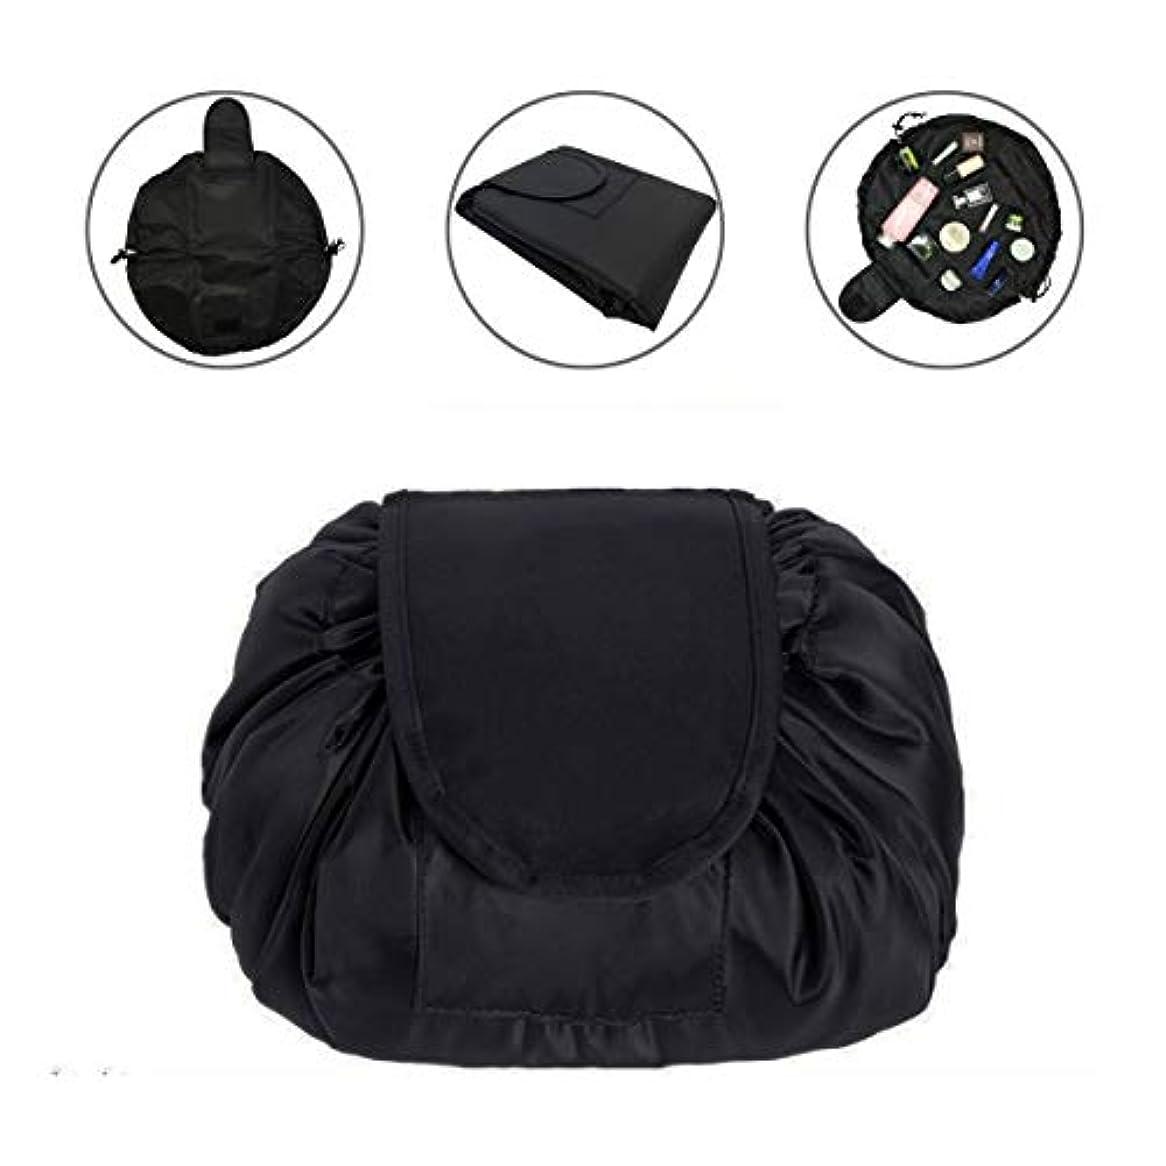 またね明示的に国LAFALA 化粧バッグ 化粧ポーチ メイクバッグ 化粧品収納バッグ 折畳式 巾着型 収納携帯用 便利 防水的 旅行 容量大きい 格好いい おしゃれ 黒色 お勧め